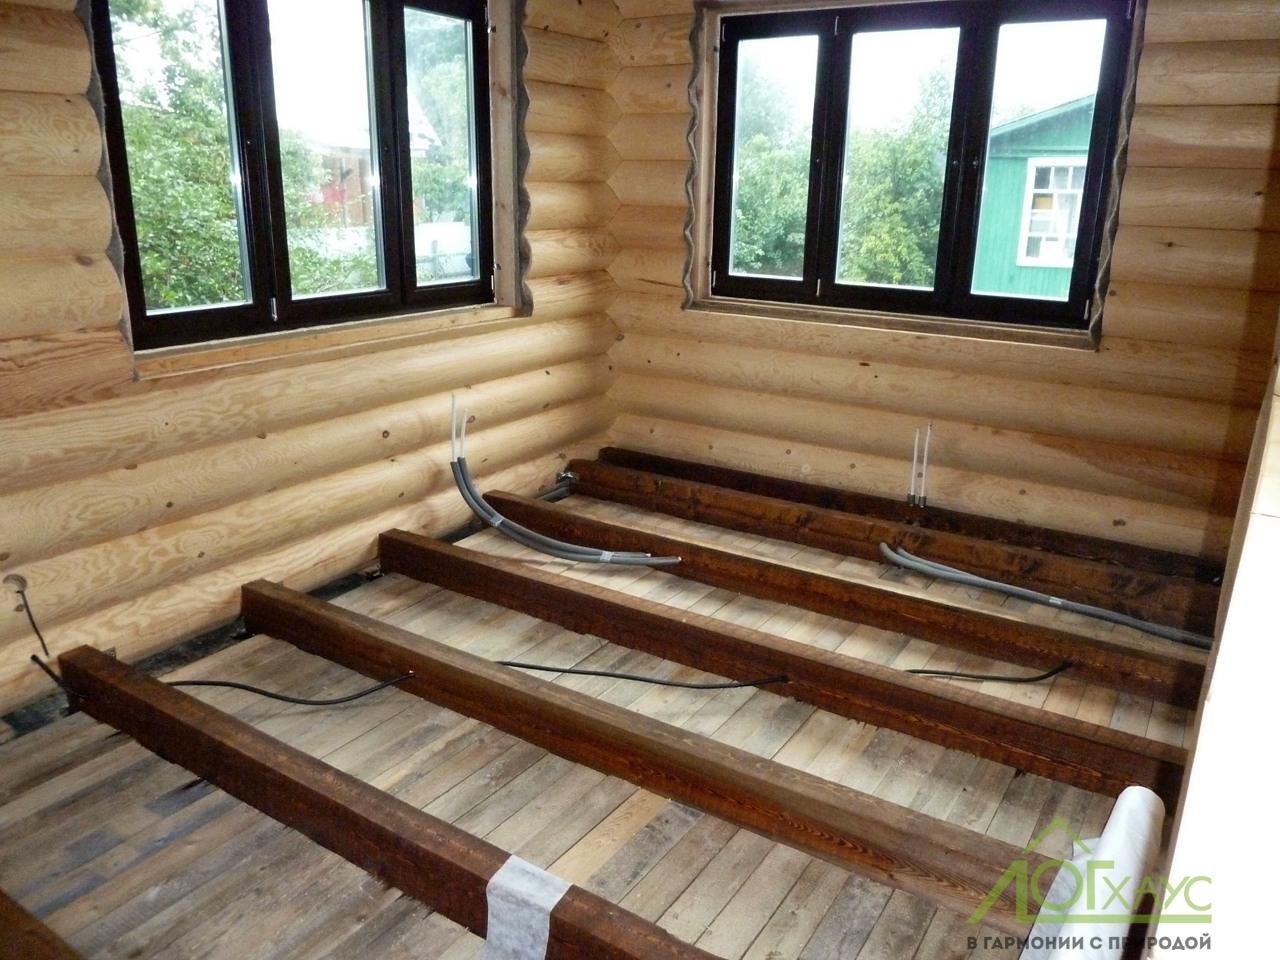 Монтаж инженерии в полу бревенчатого дома